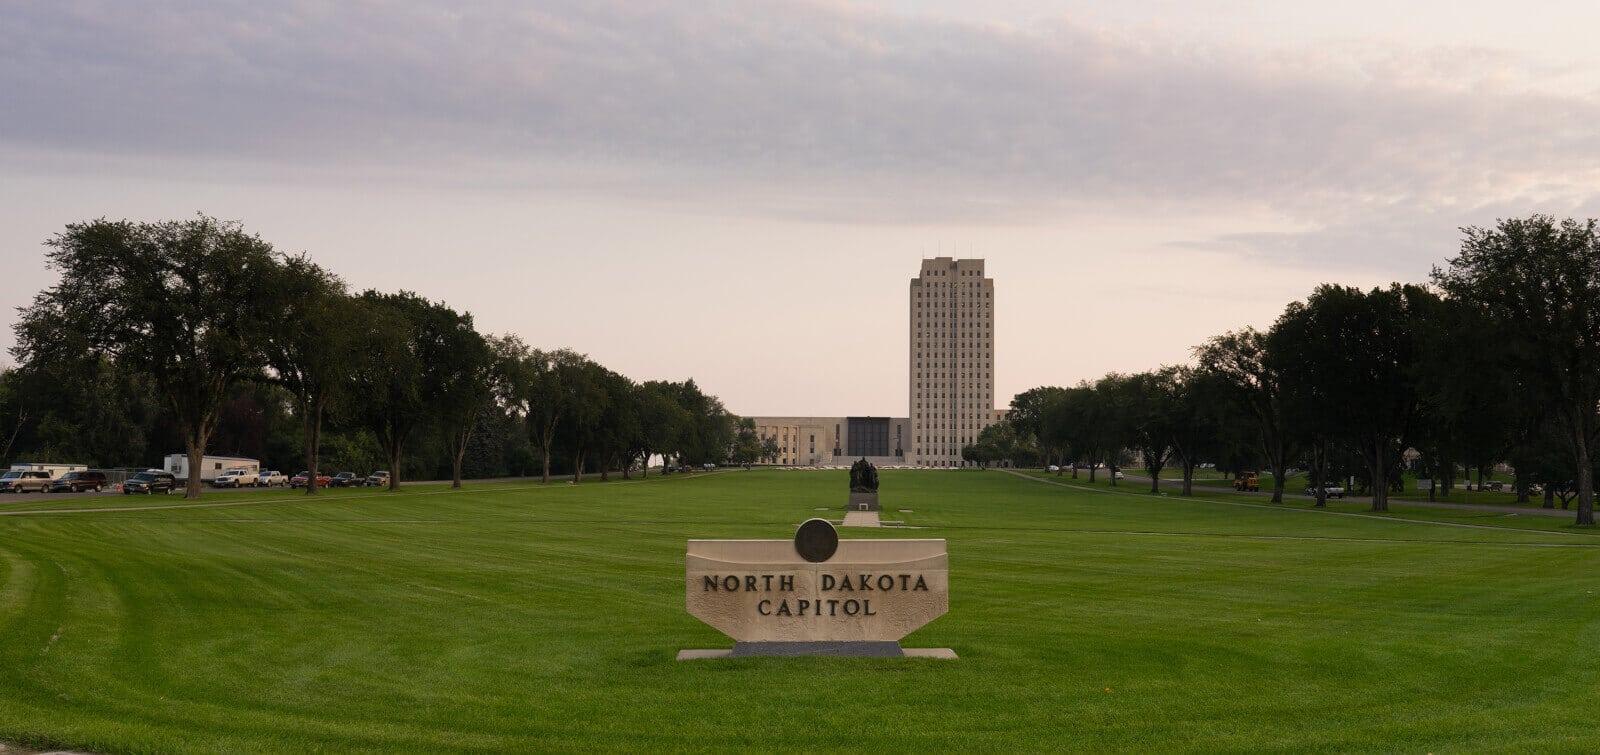 Find Drug and Alcohol Rehab in Bismarck, North Dakota